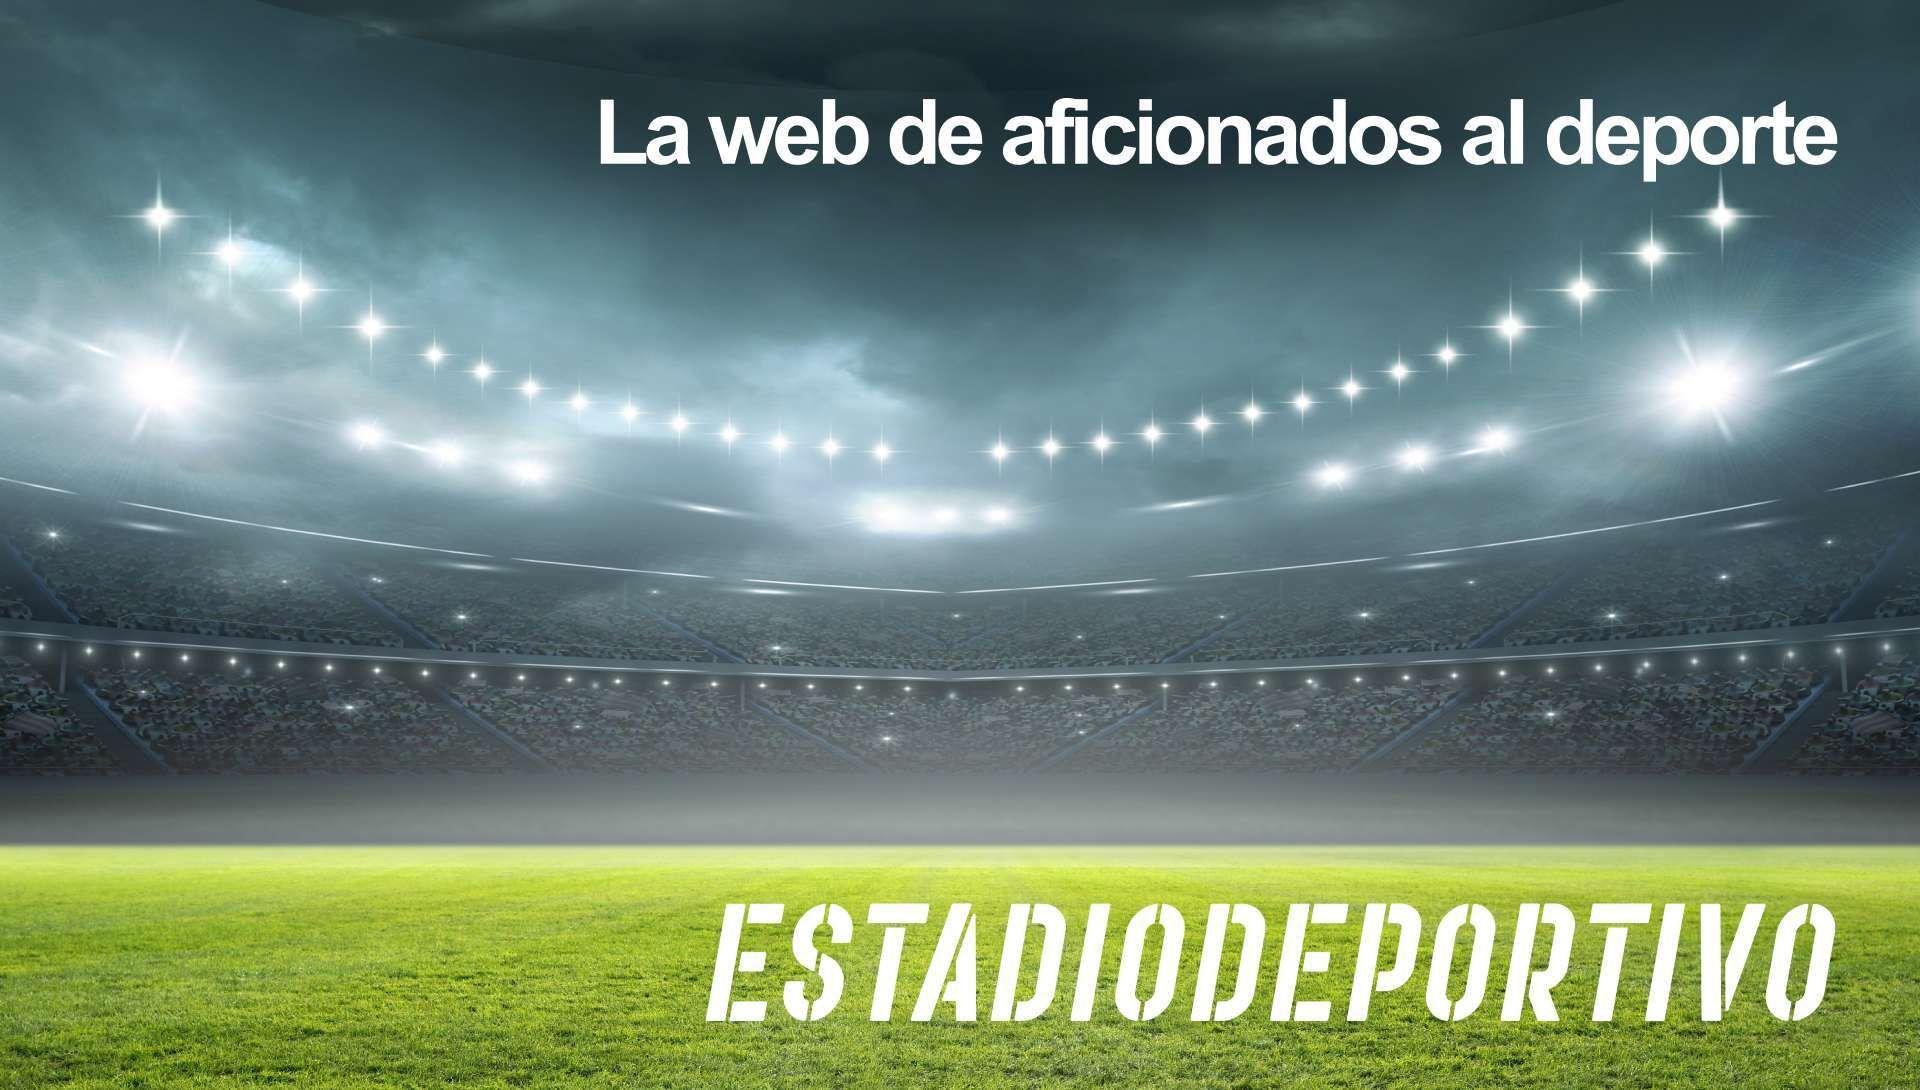 Las portadas de la prensa deportiva del 3 de abril